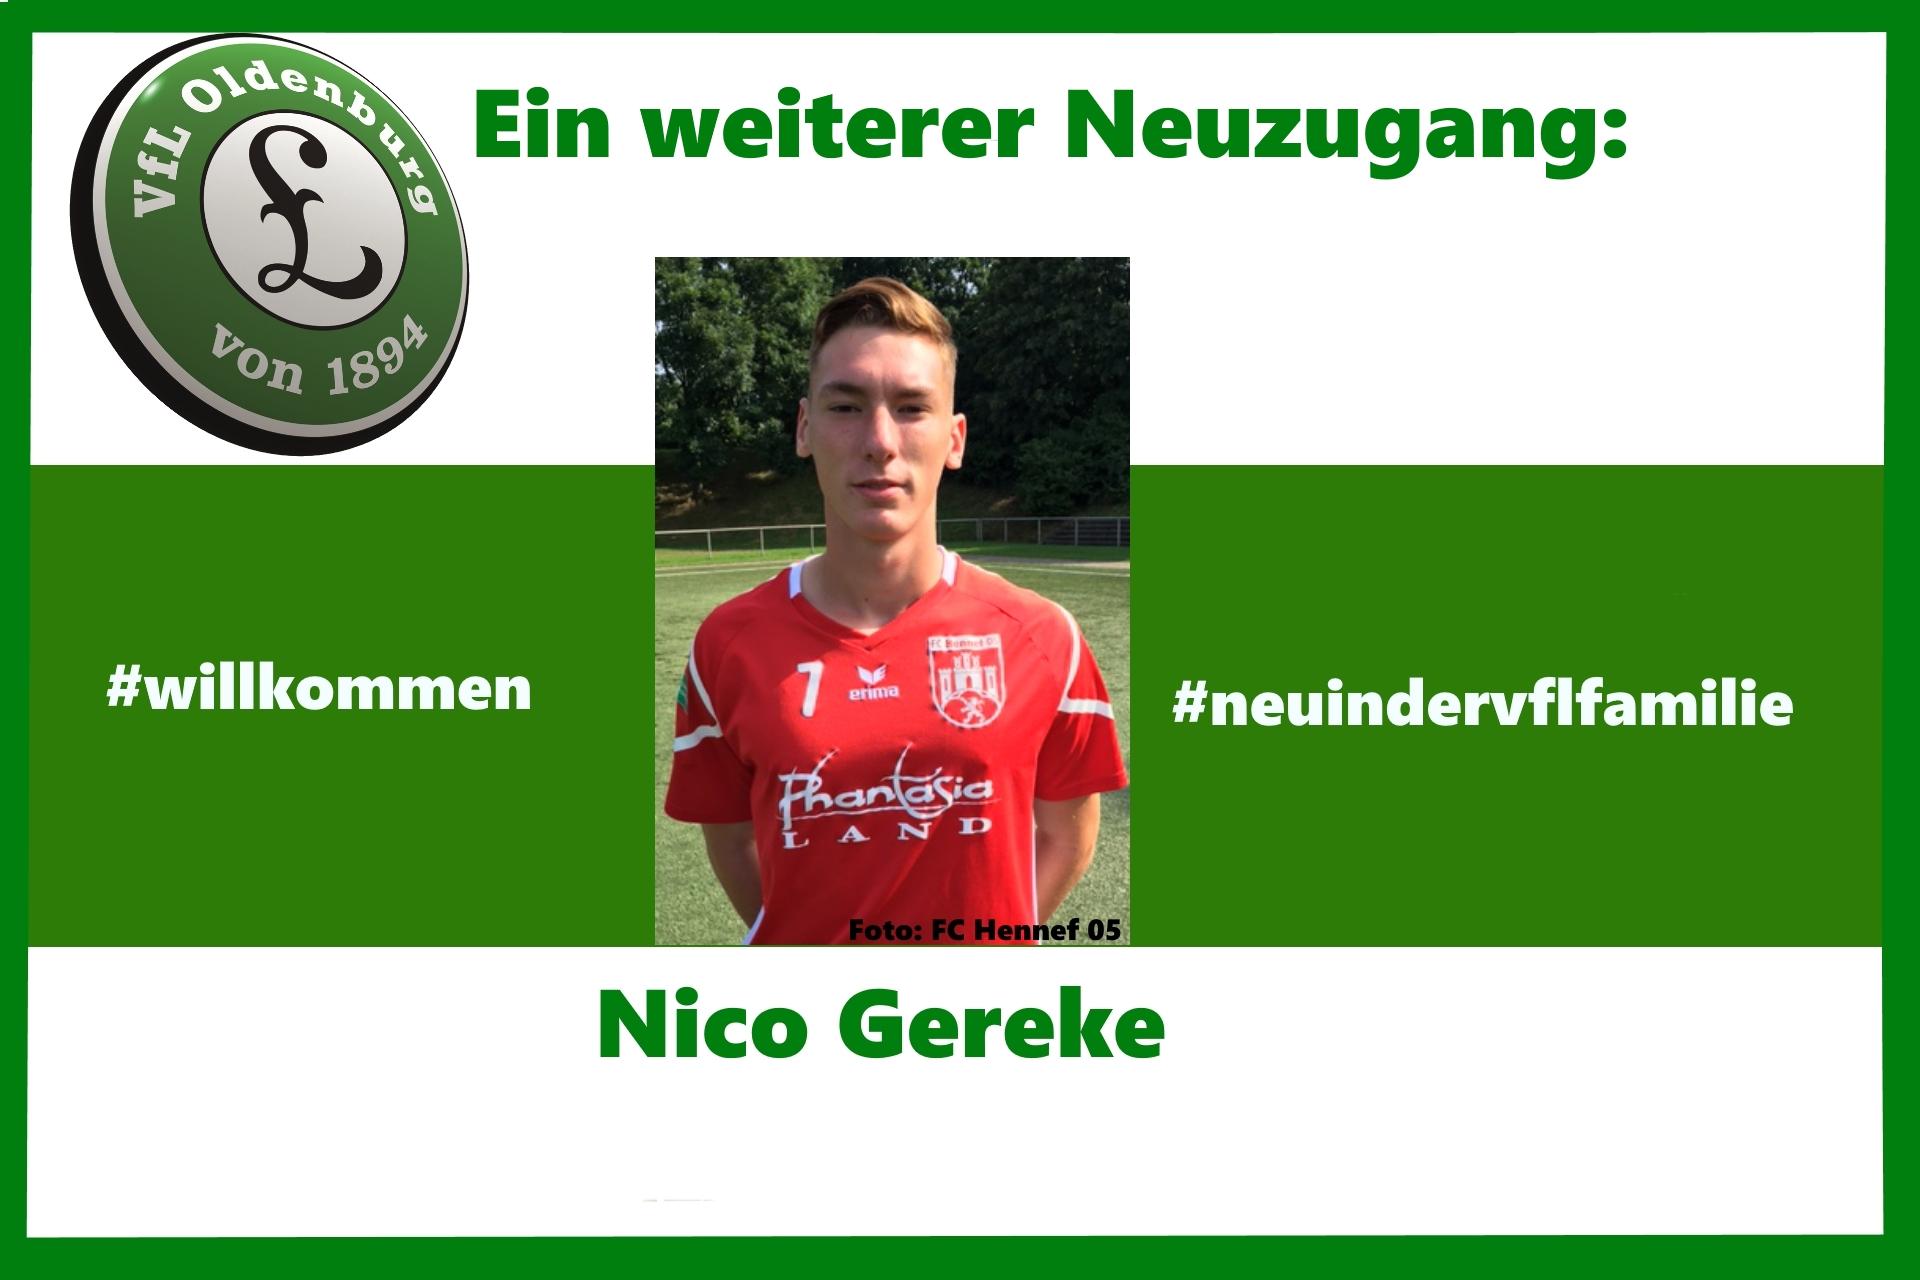 Ein weiterer Neuzugang - Nico Gereke